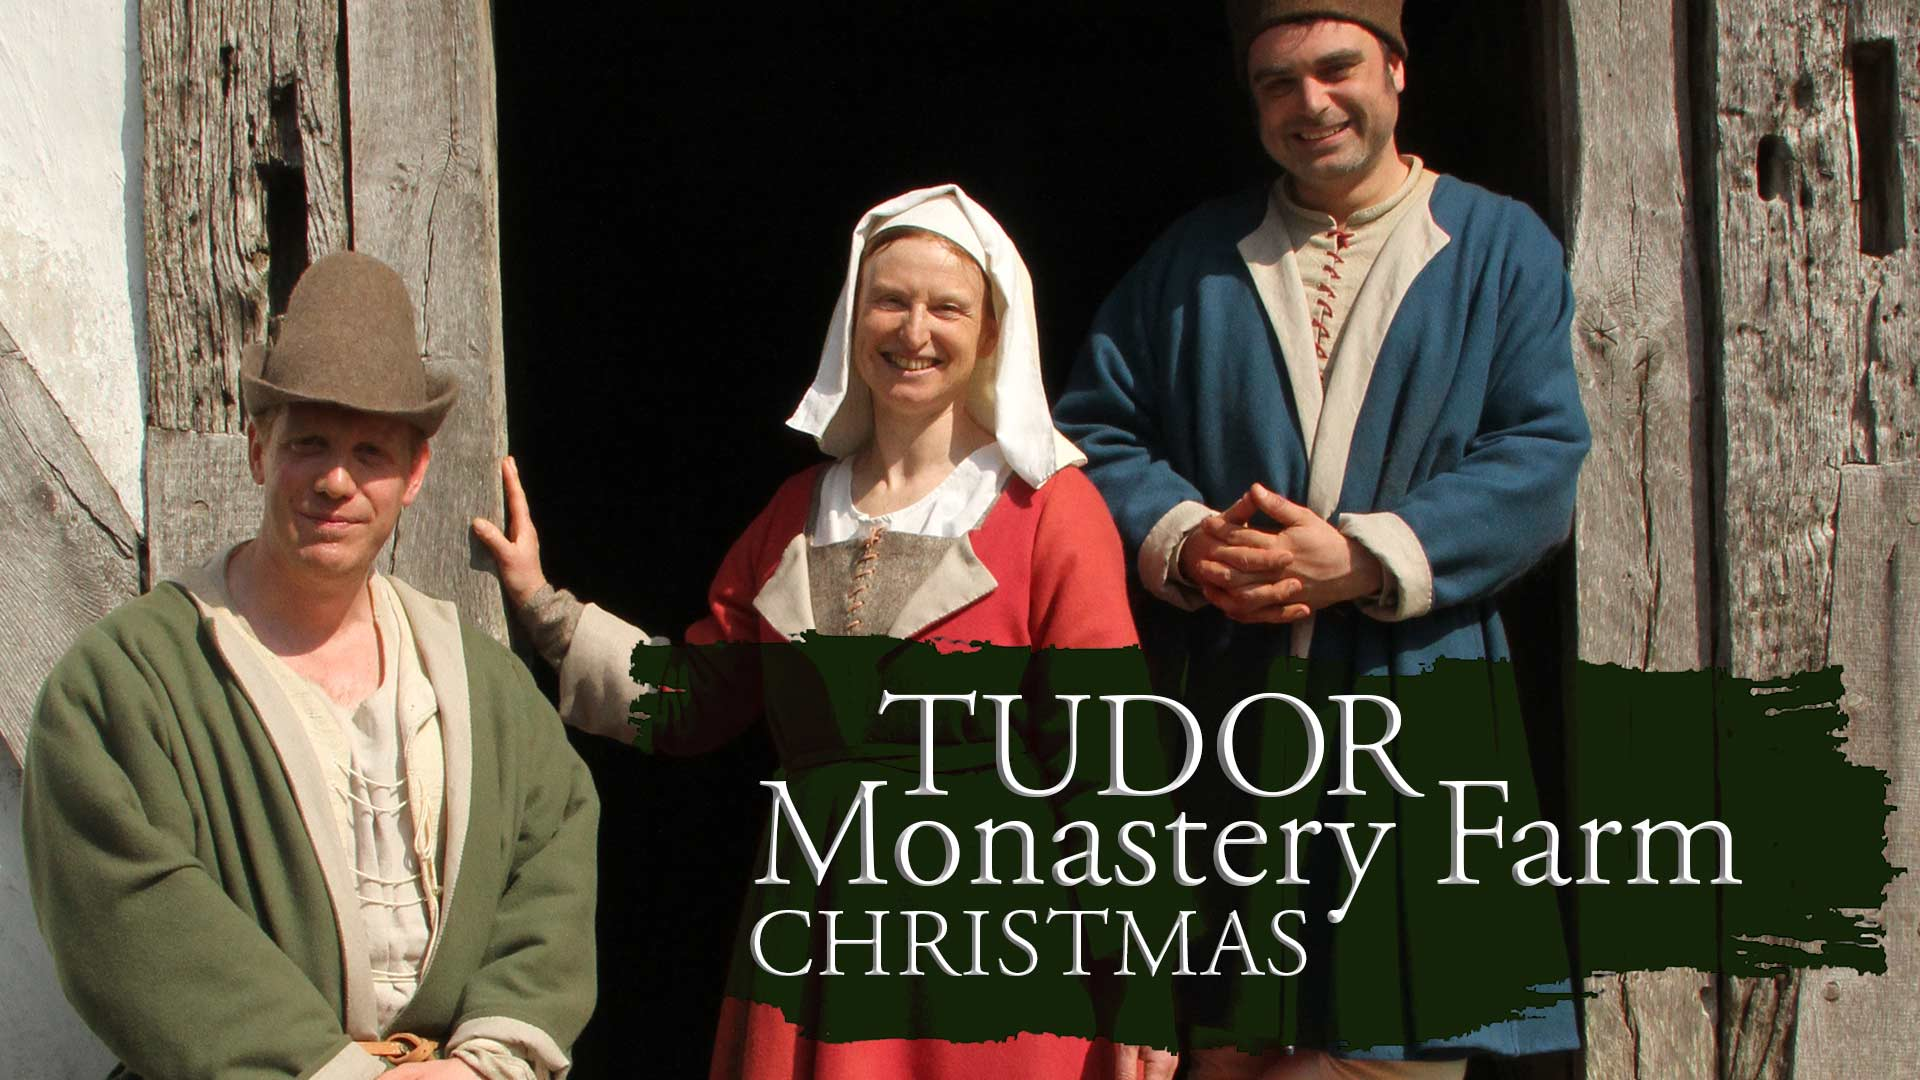 Tudor Monastery Farm Christmas